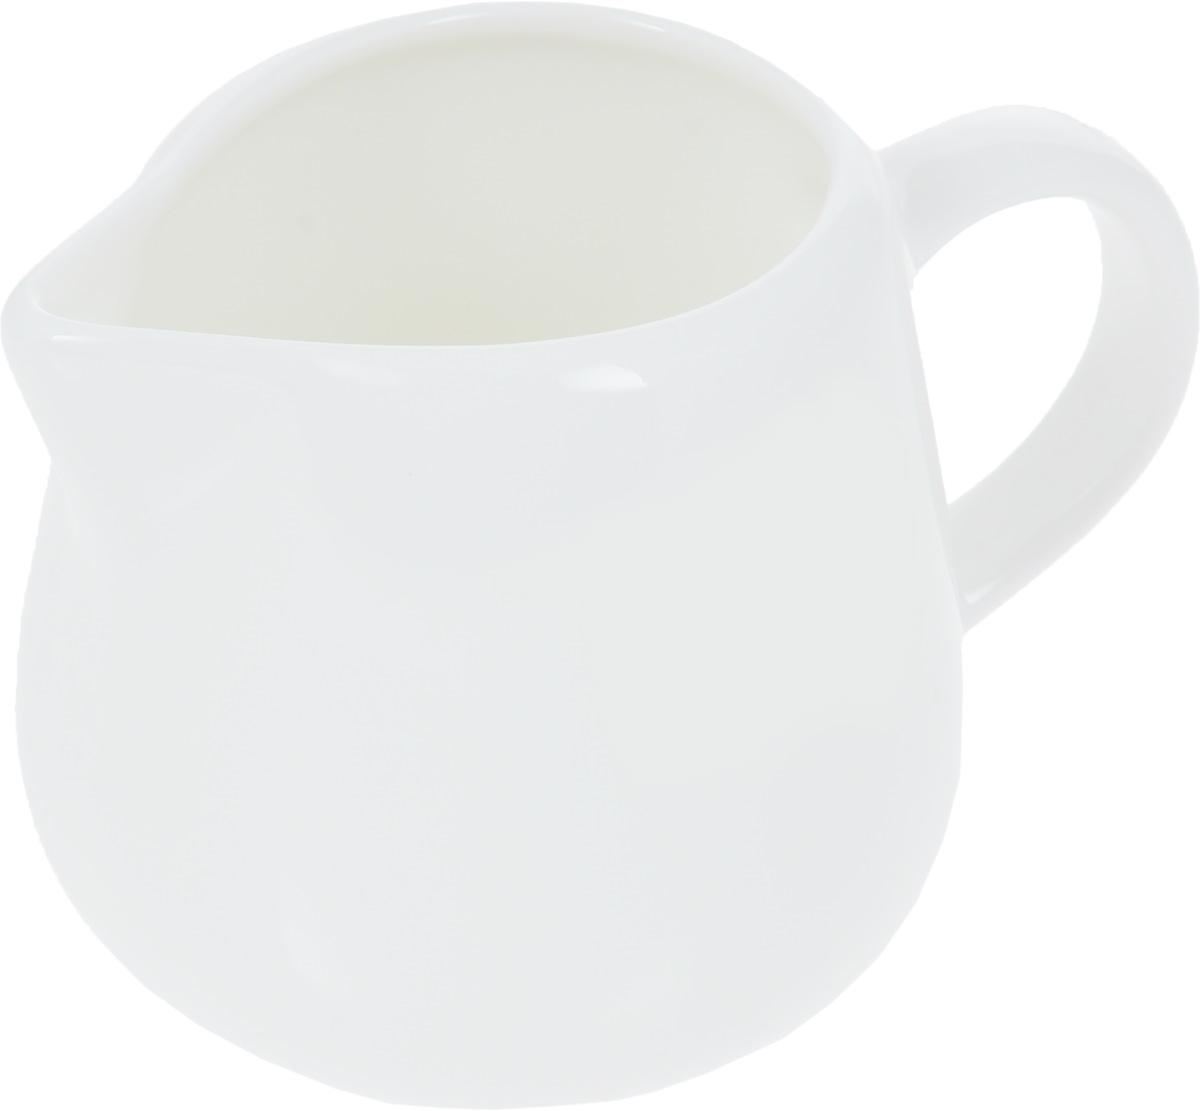 Молочник Wilmax, 200 млWL-995005 / AМолочник Wilmax, изготовленный из высококачественного фарфора, имеет широкое основание, удобную ручку и носик. Предназначен для сливок и молока. Такой молочник станет изысканным украшением стола к чаепитию и подчеркнет ваш безупречный вкус. Изделие также станет хорошим подарком к любому случаю. Можно использовать в СВЧ и мыть в посудомоечной машине. Размер молочника (по верхнему краю): 7 х 5 см.Диаметр основания: 7 см. Высота молочника: 7,5 см.